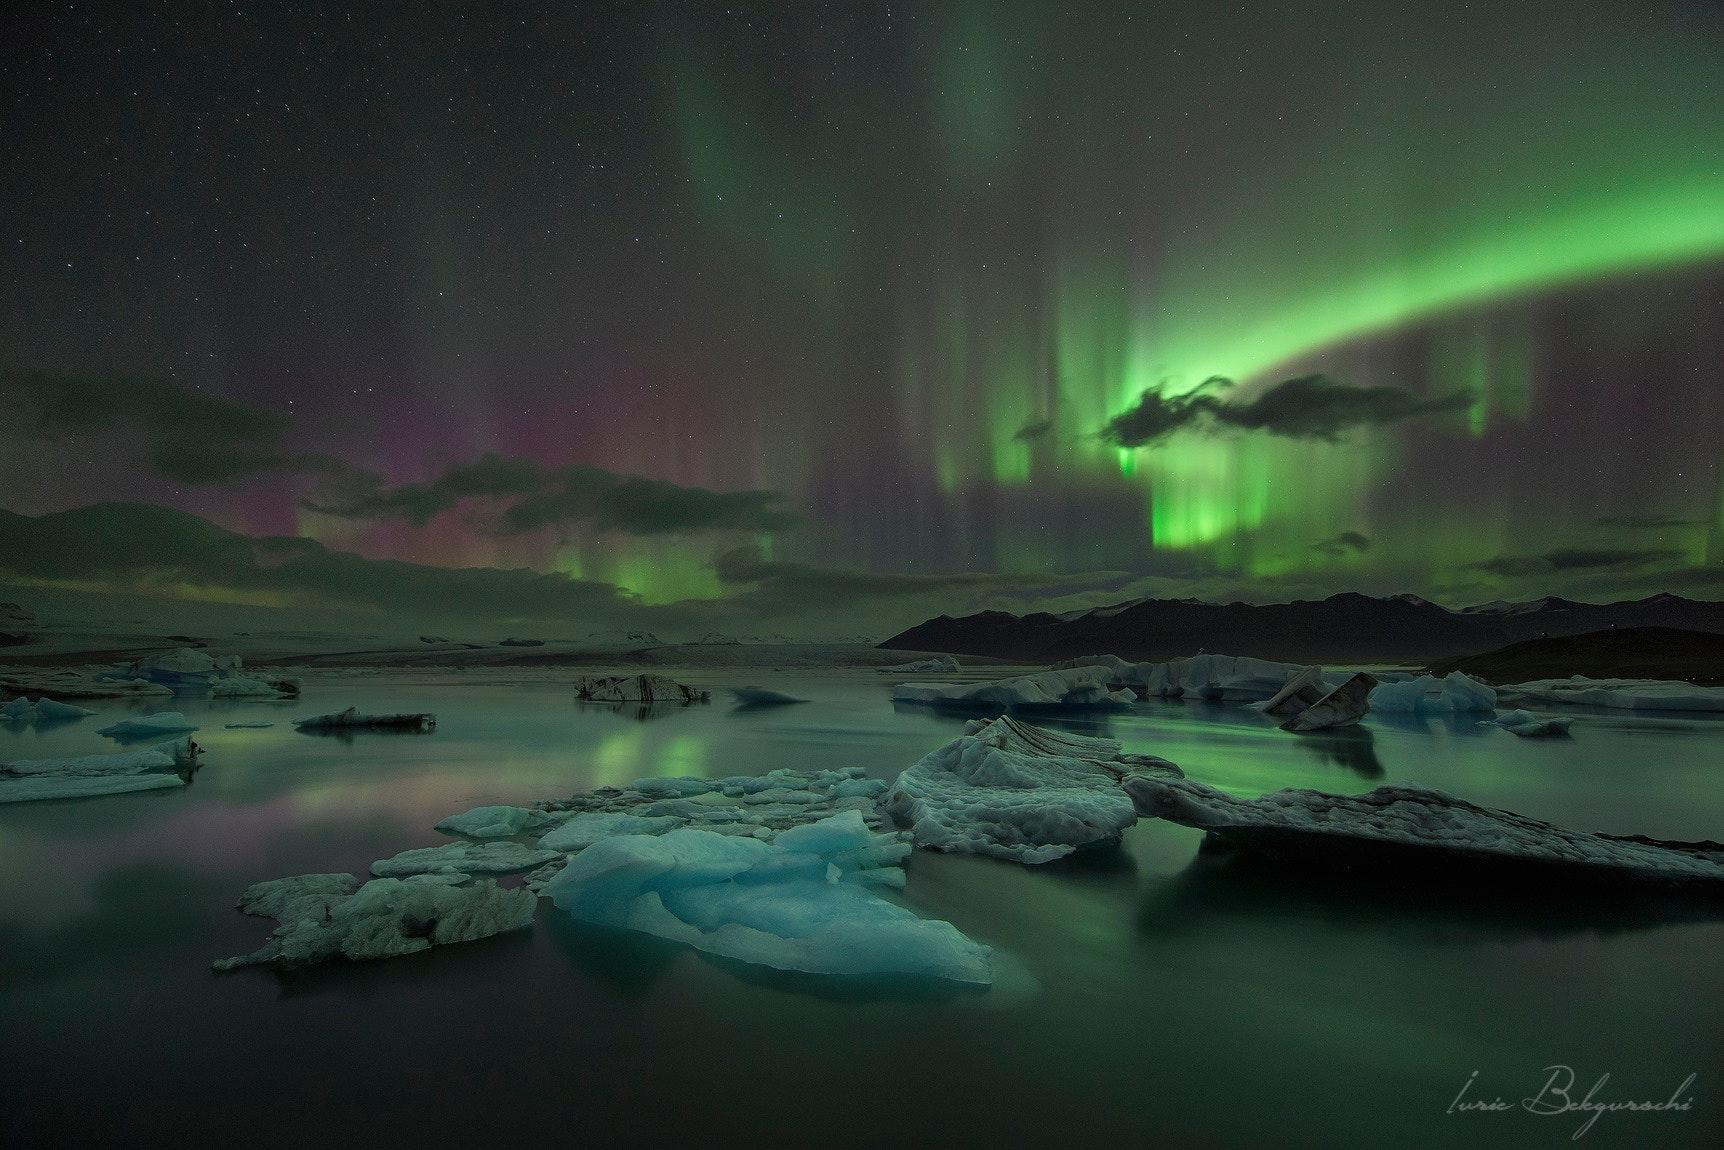 冰岛杰古沙龙冰河湖夜空极光Jökulsárlón